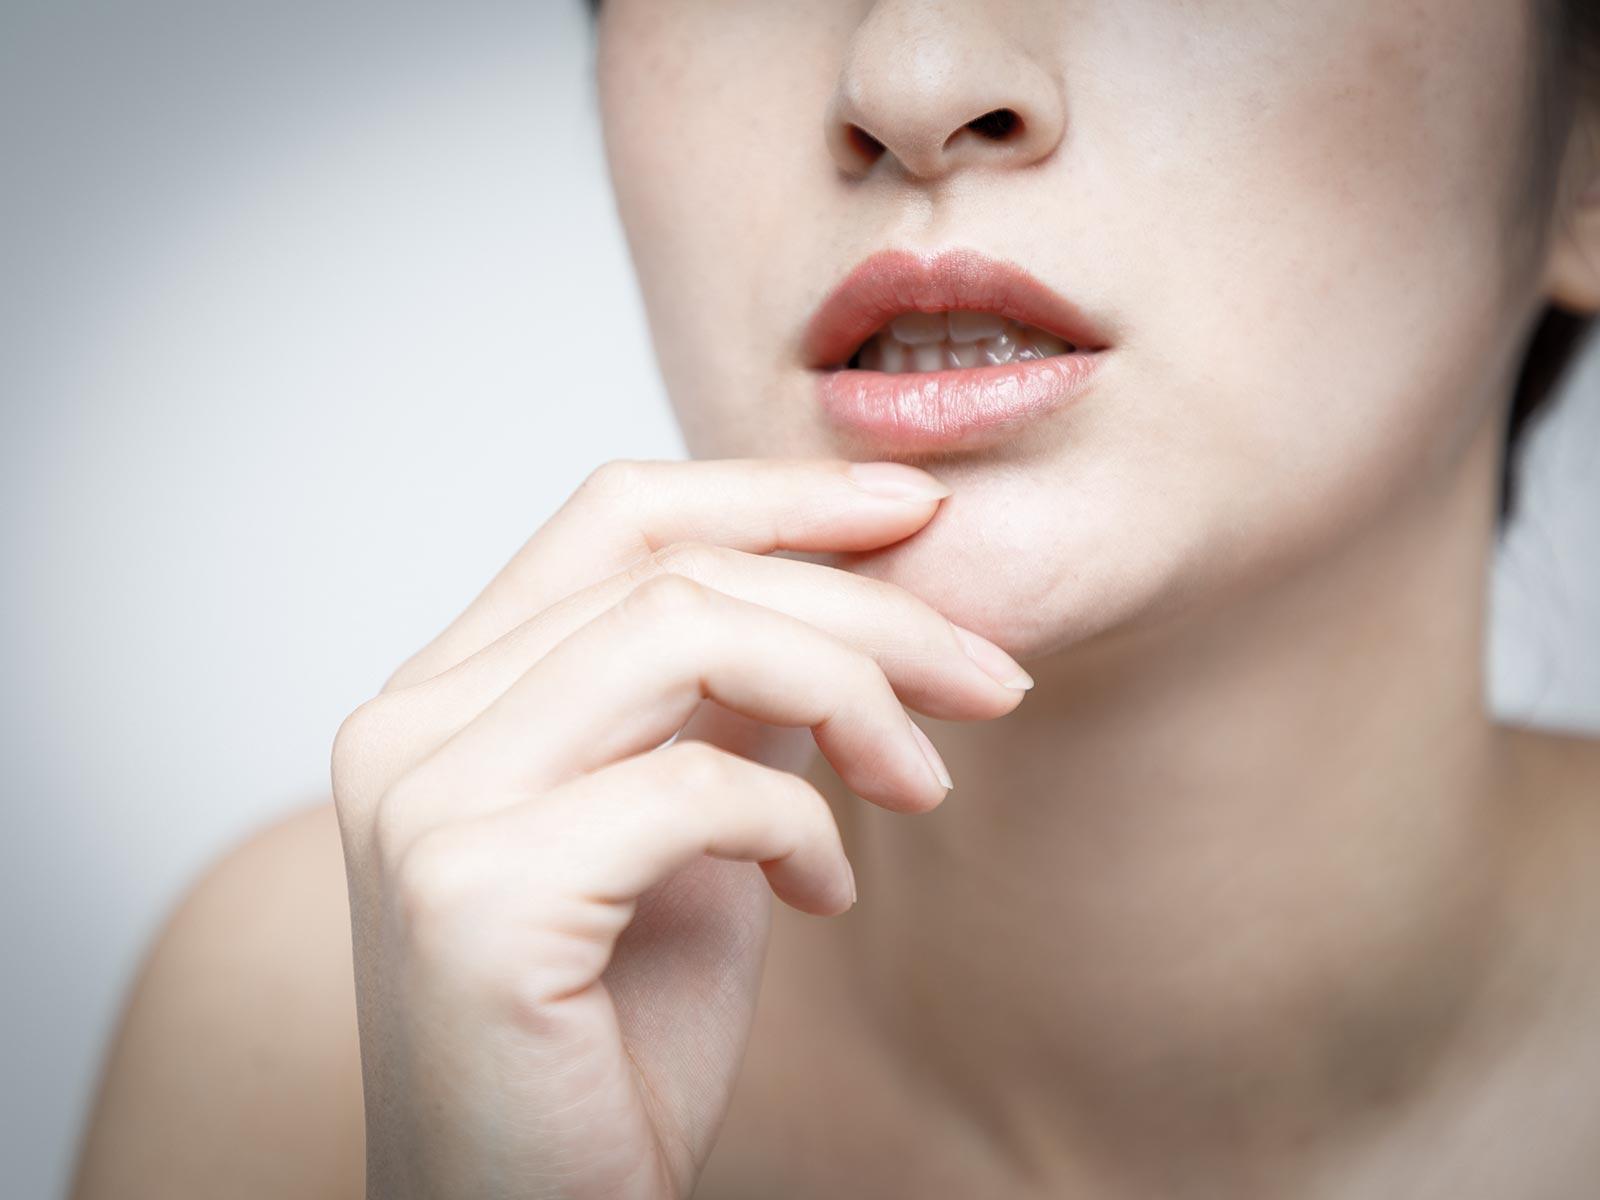 かさぶた うつる 時期 口唇 ヘルペス